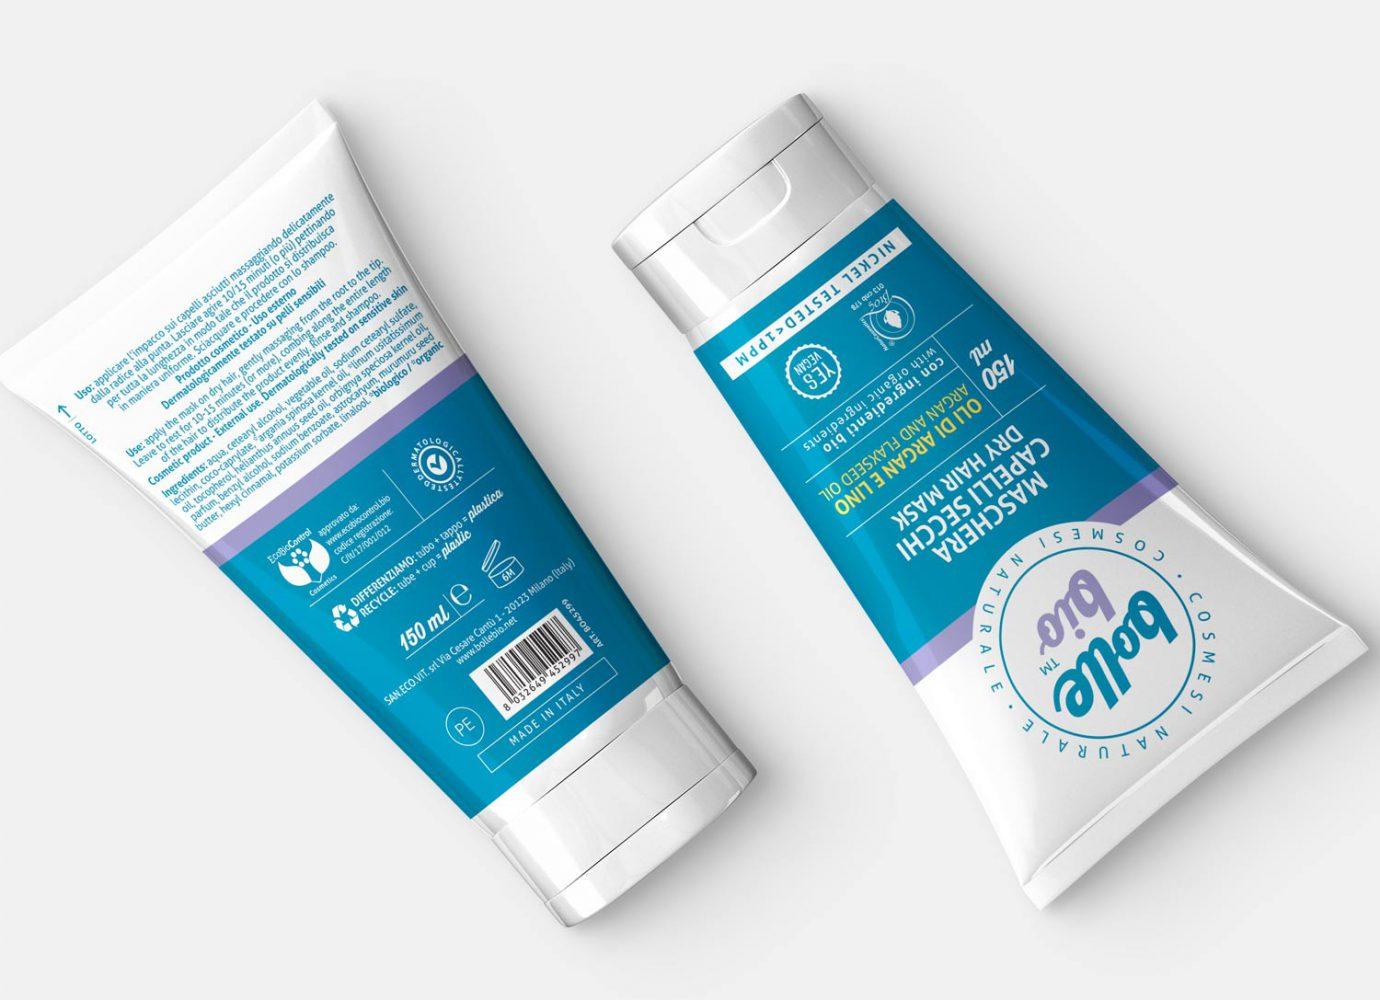 Packaging design di tubo maschera capelli fronte e retro di cosmesi naturale per millennial realizzato da WillBe